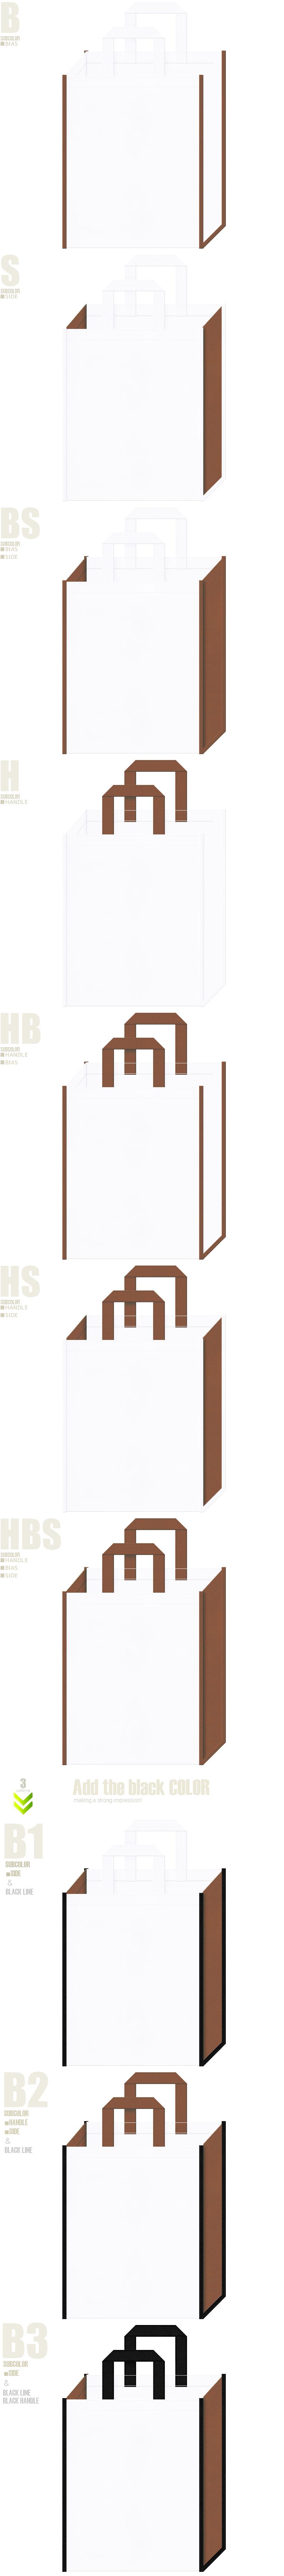 展示会用バッグ・木・木工・工作・DIYイベント・林業・農学部・・学校・学園・オープンキャンパスにお奨めの不織布バッグデザイン:白色と茶色のコーデ10パターン